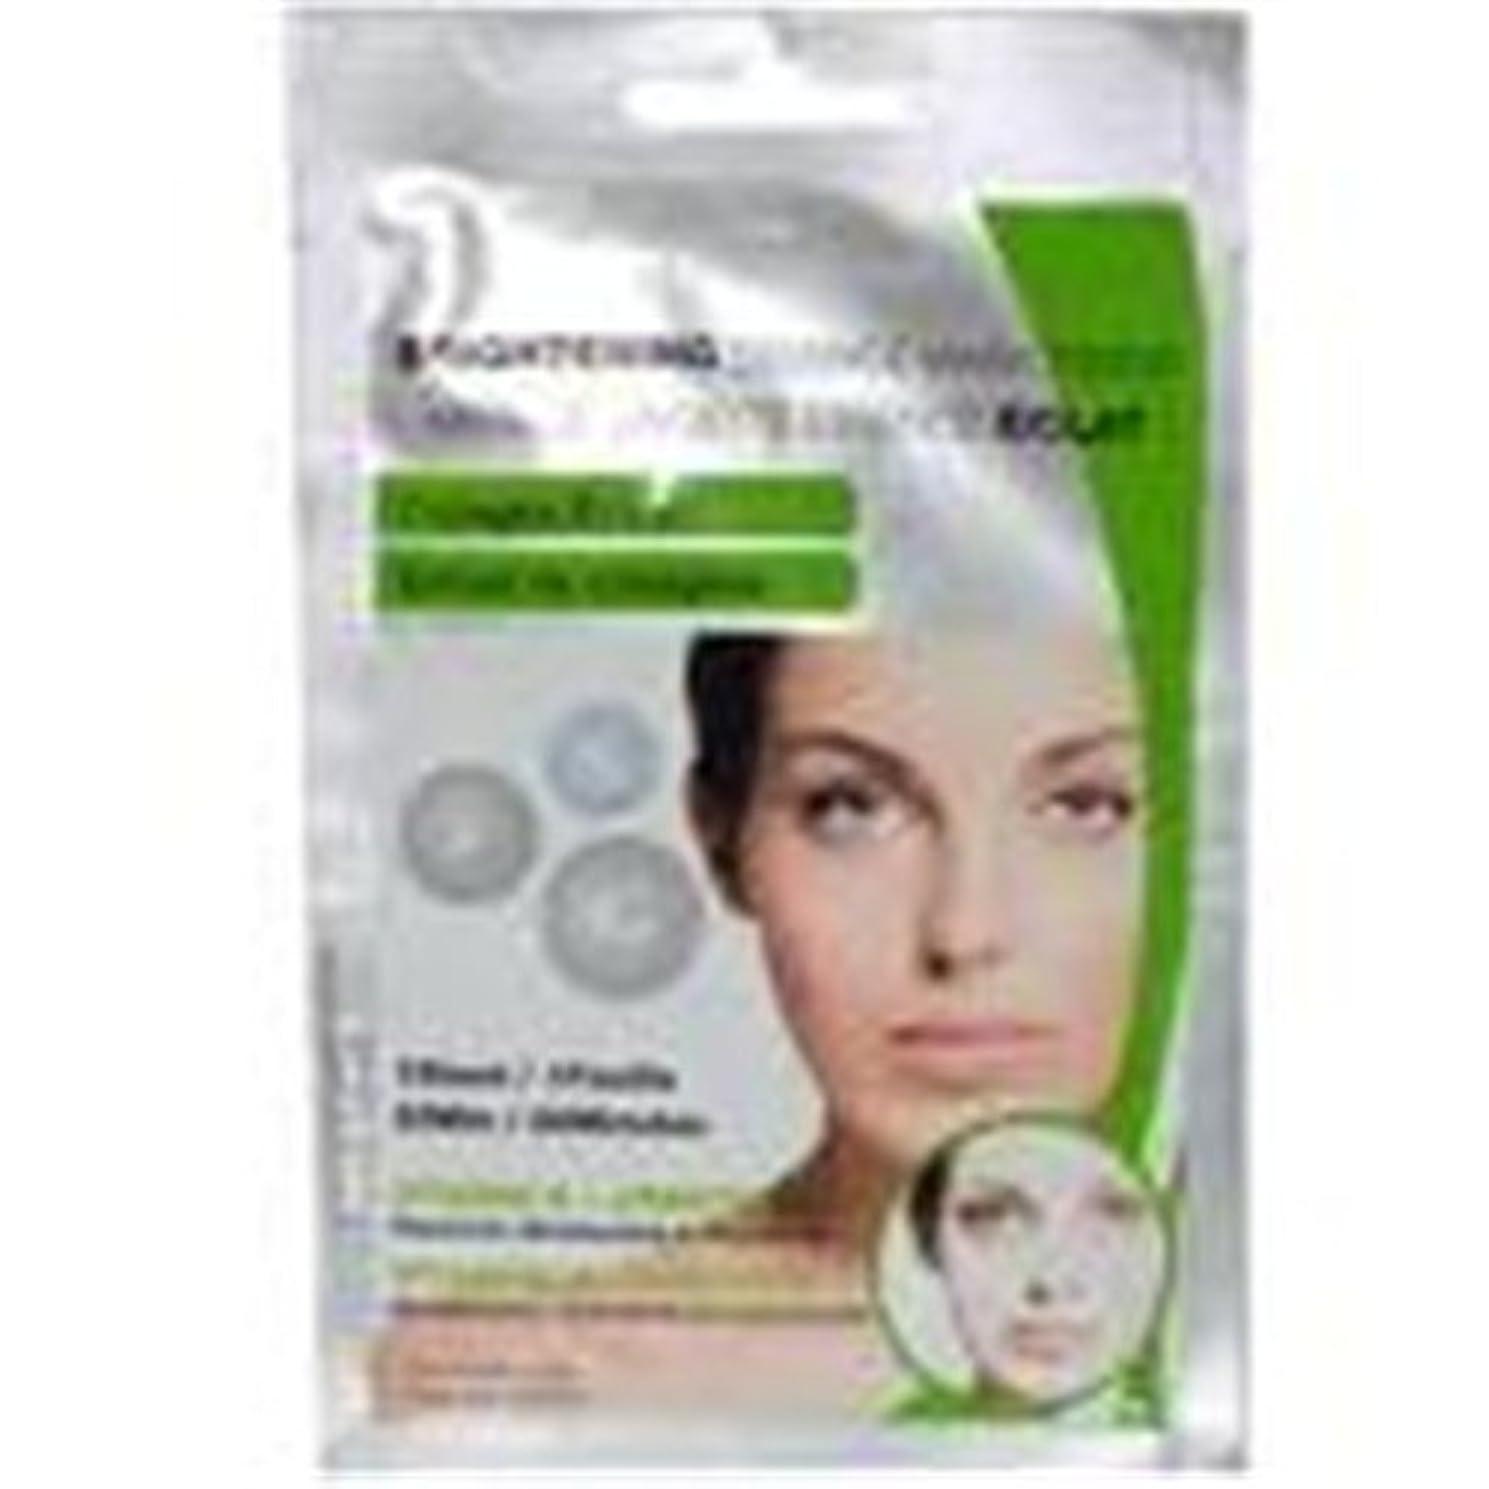 ユーザーわかるサーマル海外直送品Nicka K Cosmetics Brightening Essence Face Mask, Collagen Extract 1 ct